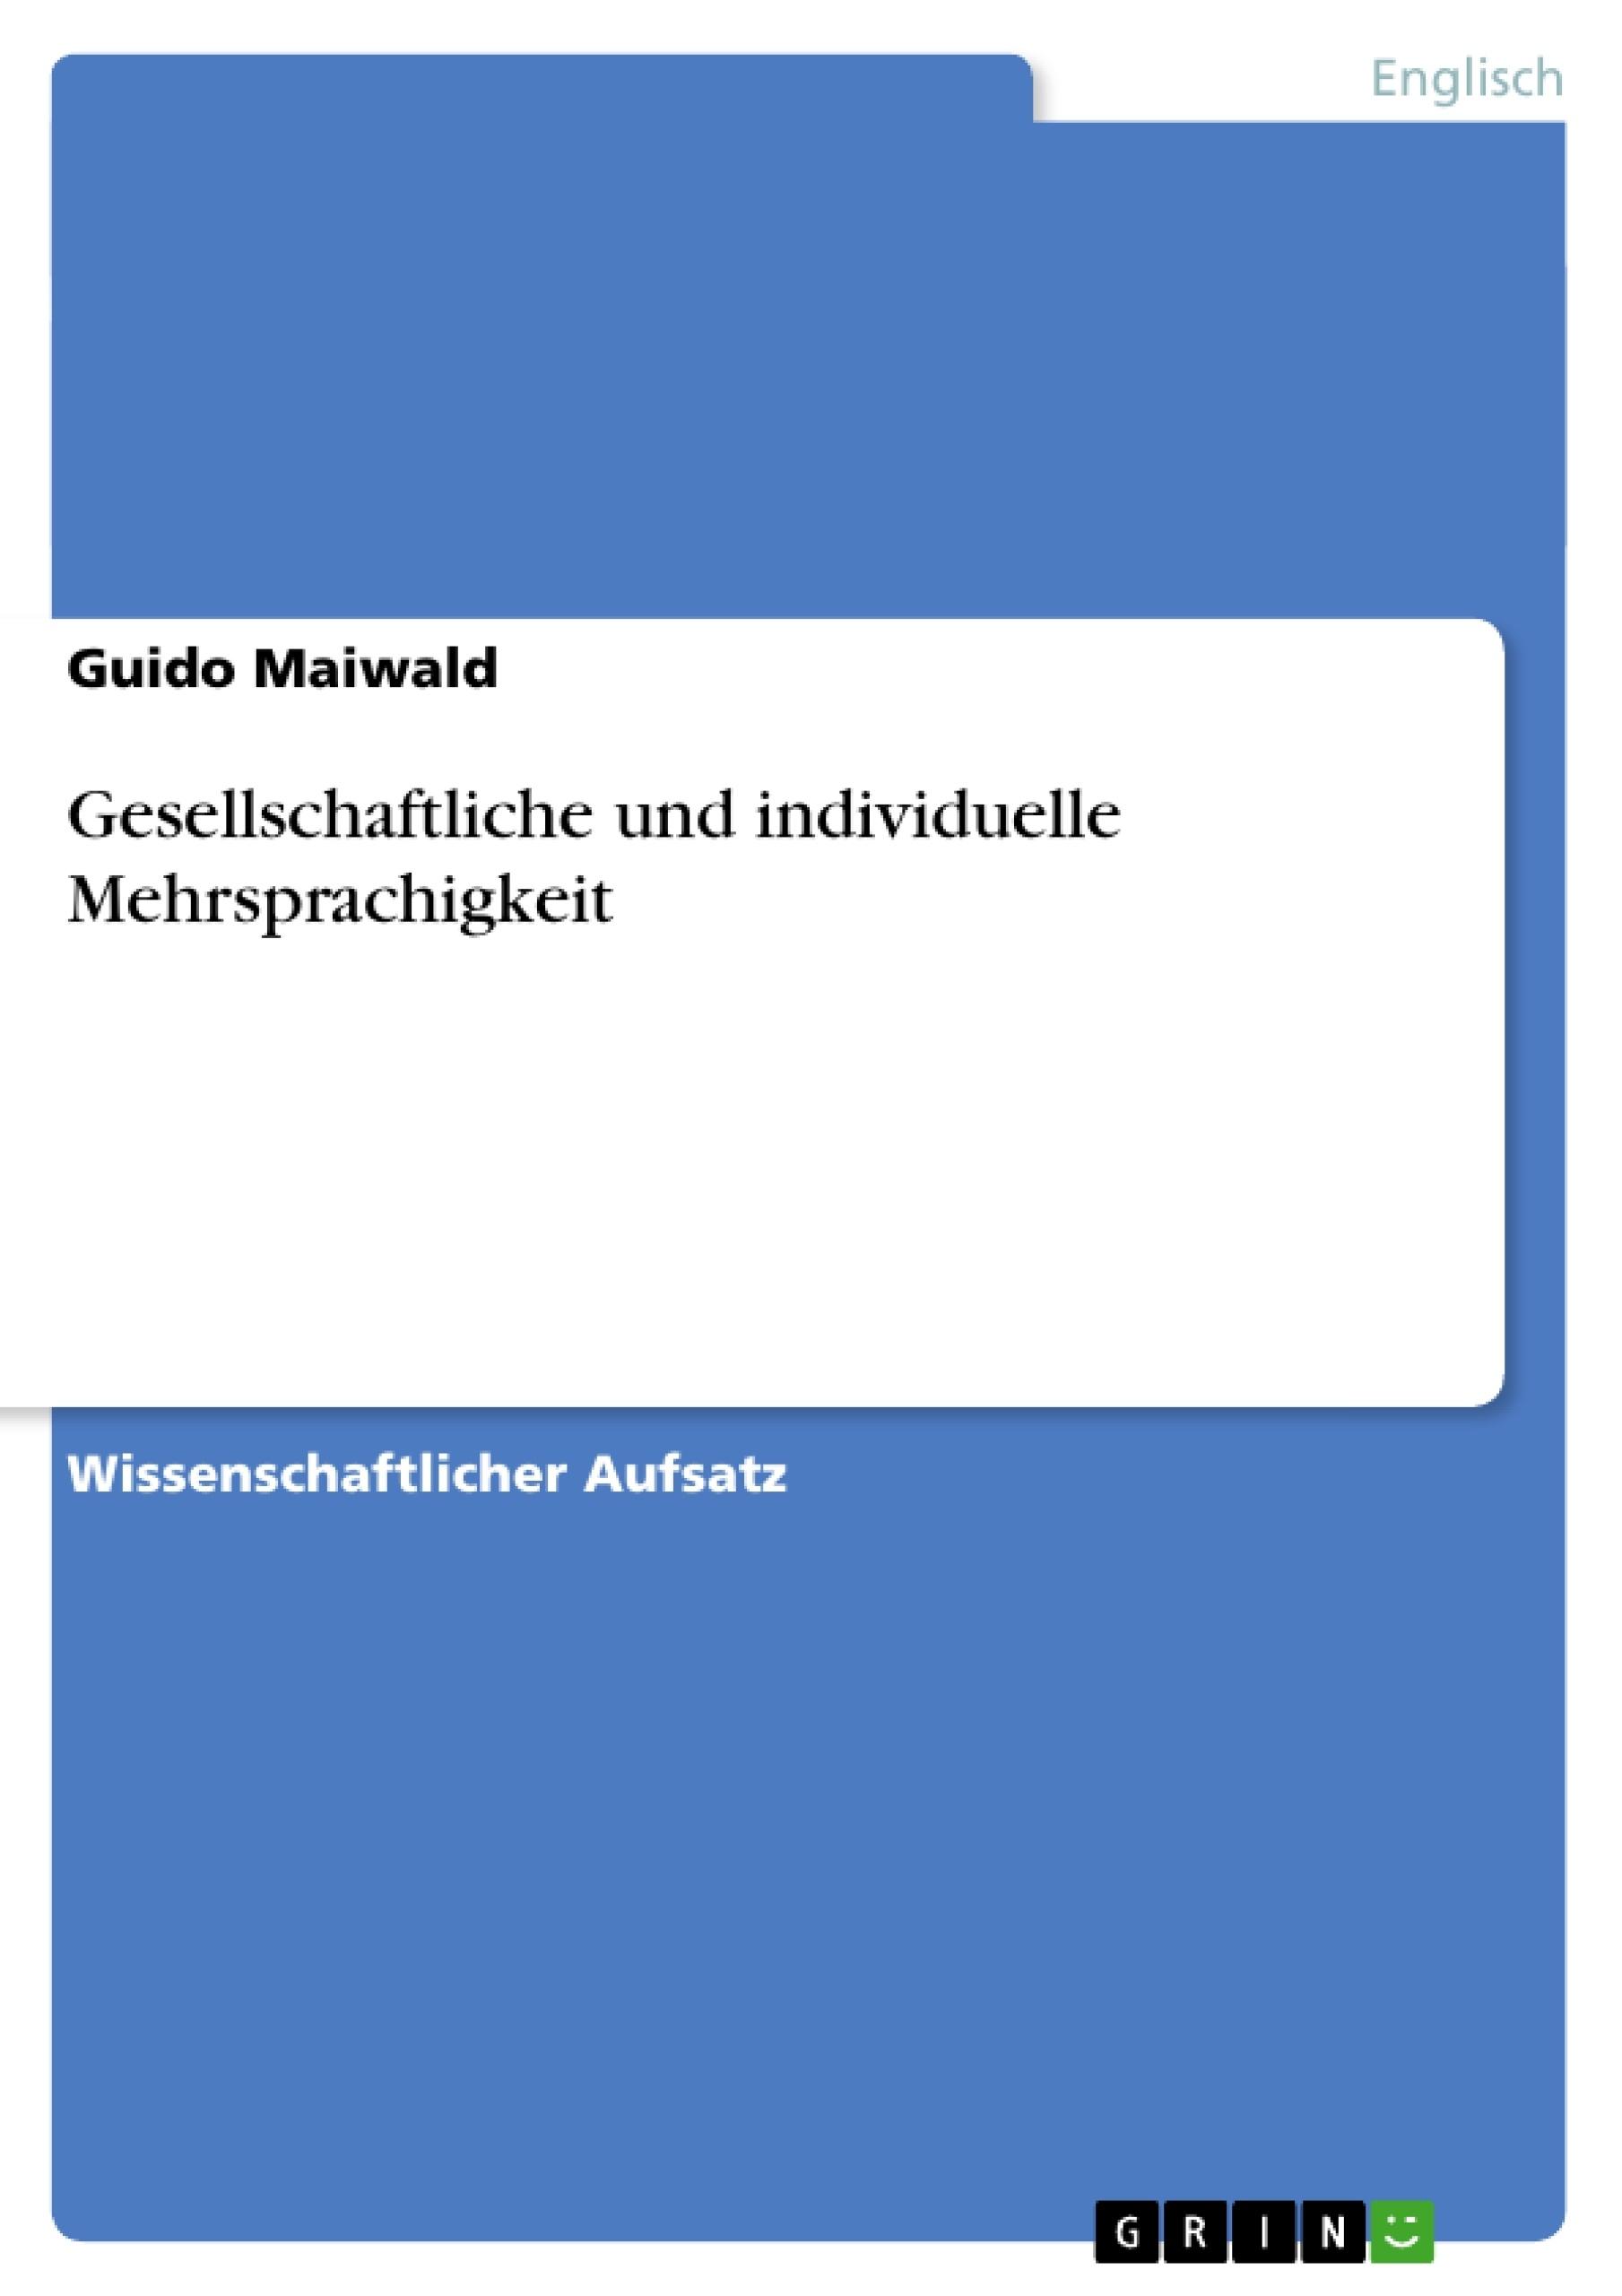 Titel: Gesellschaftliche und individuelle Mehrsprachigkeit